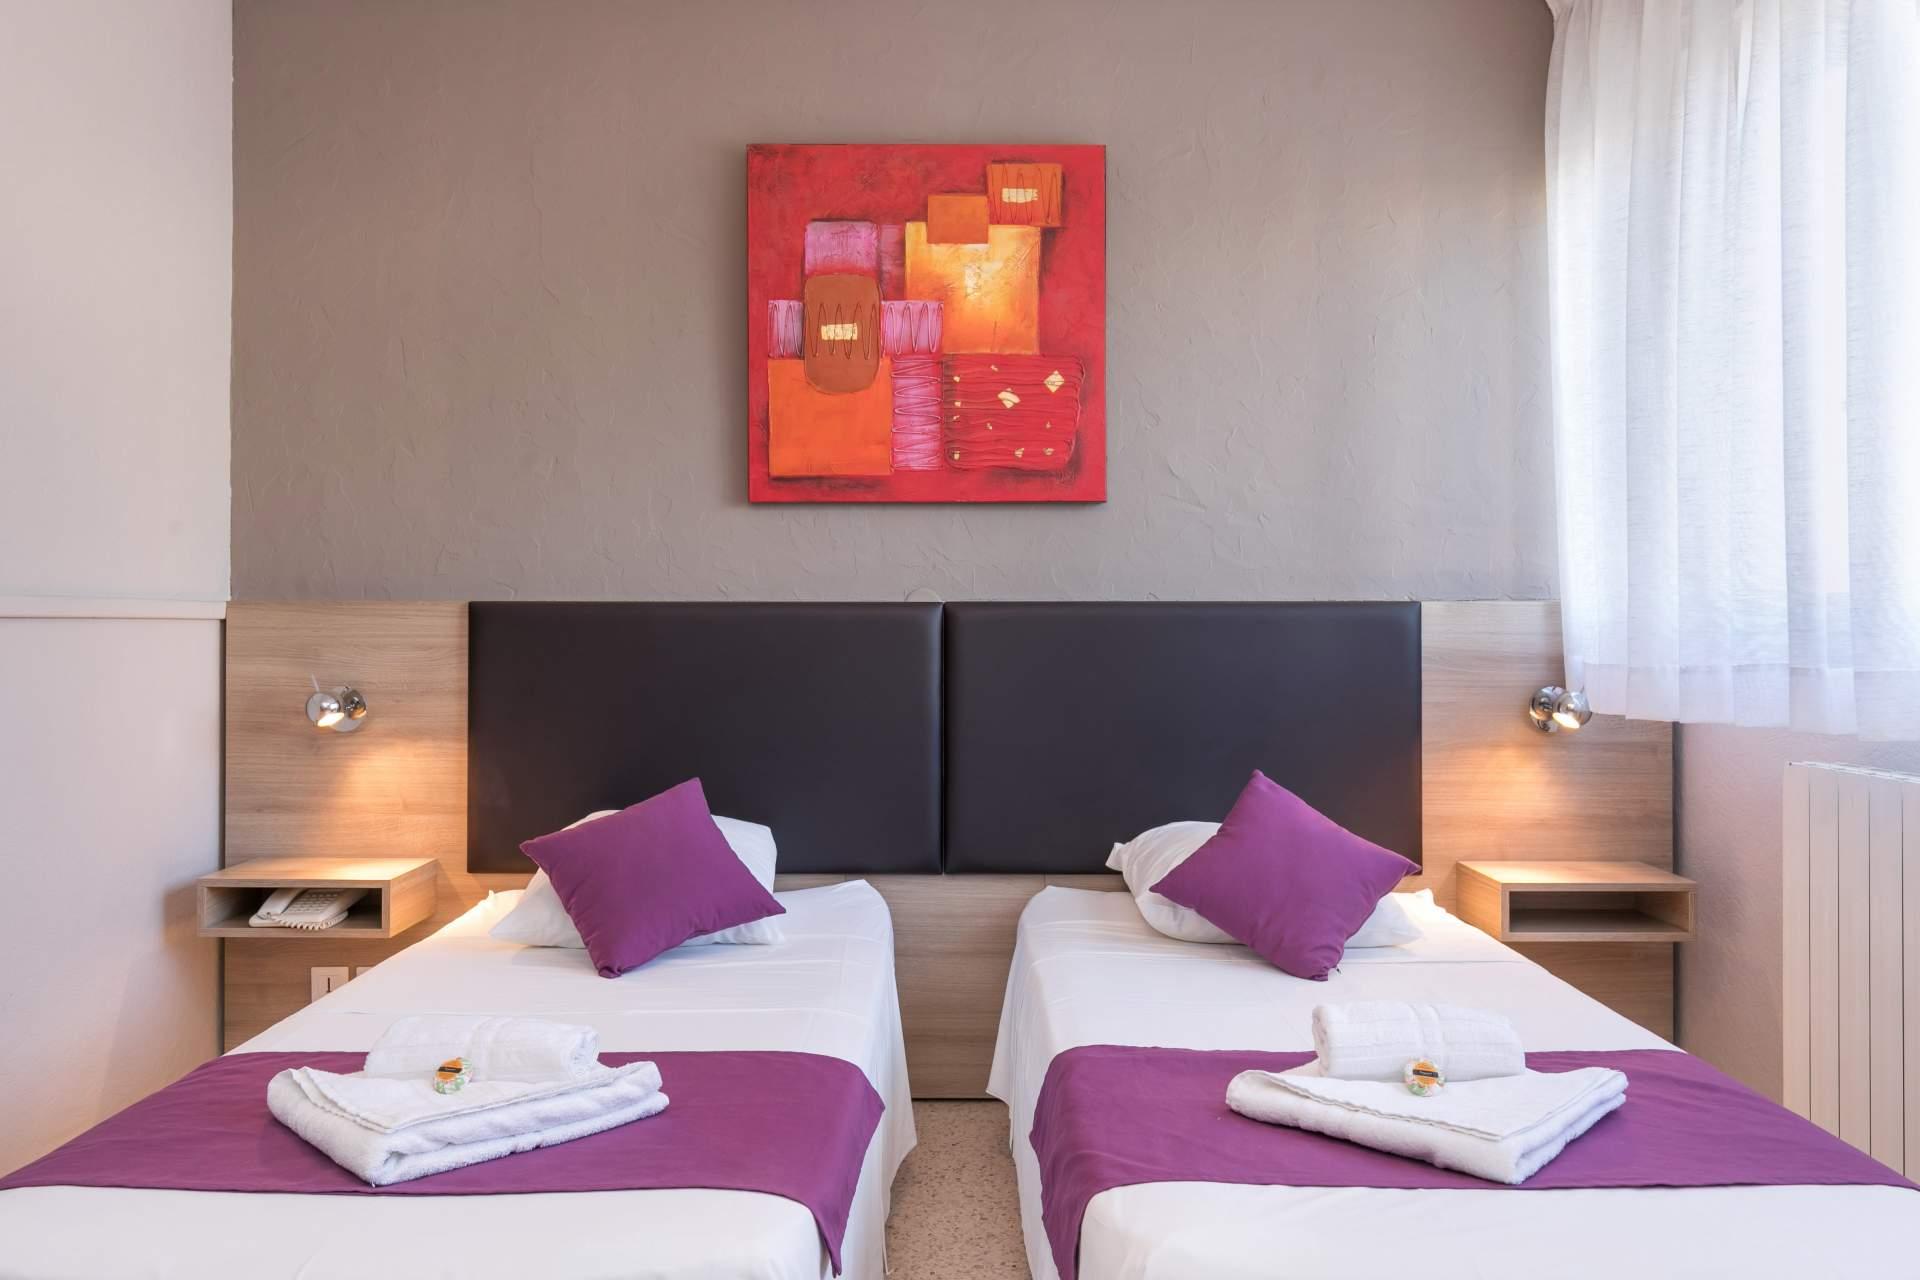 Busreis Sainte-Maxime Hotel Le Capet